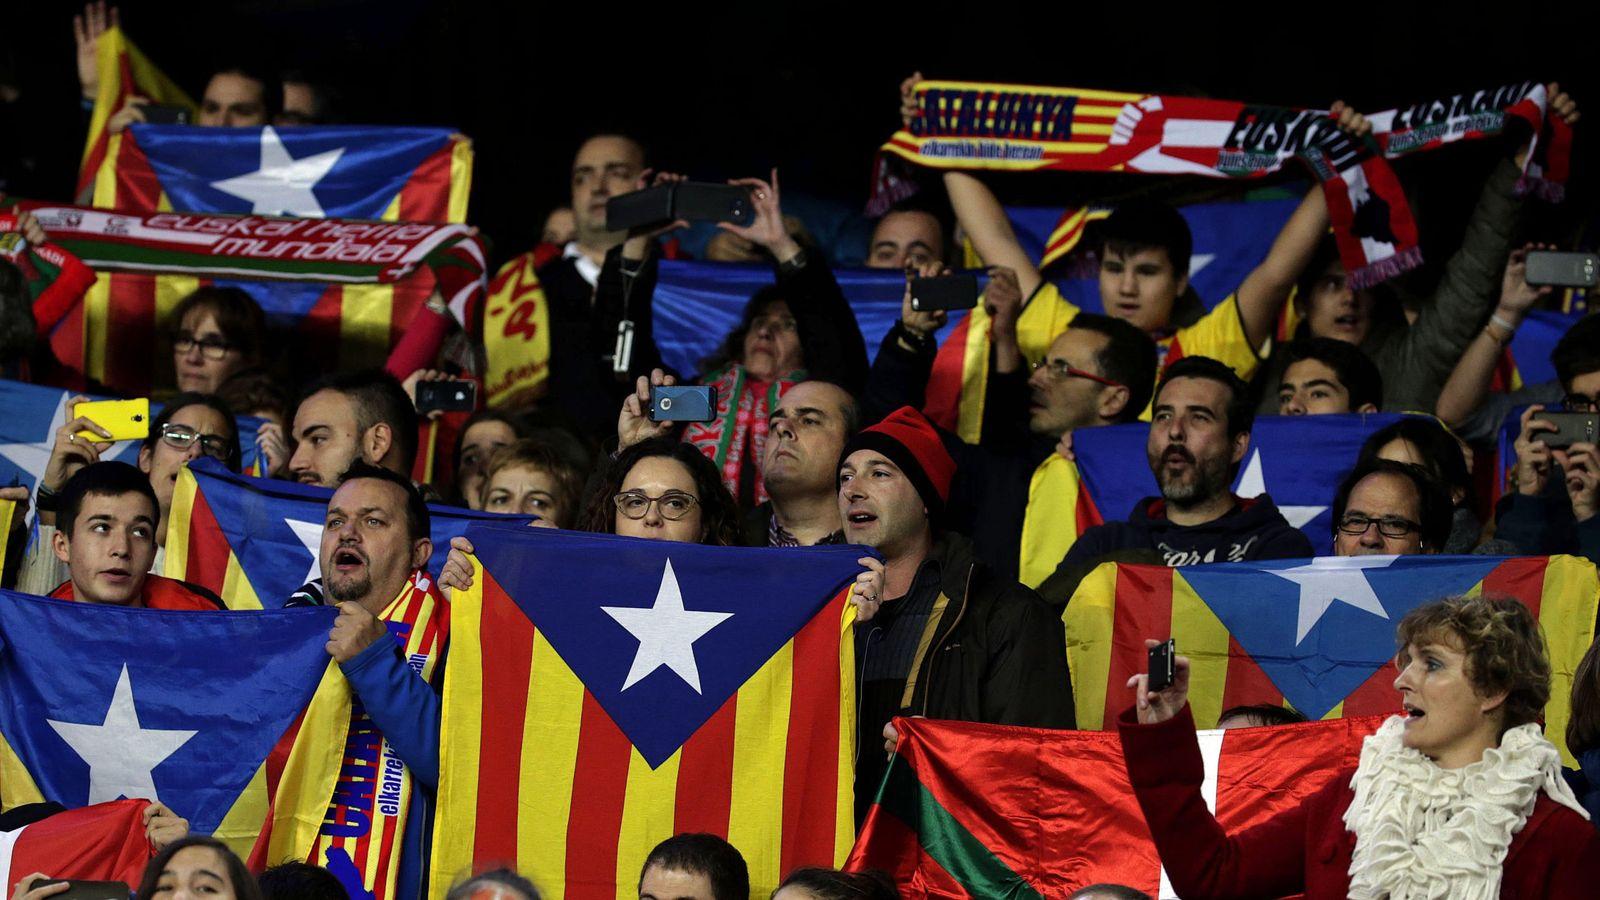 Foto: Varias personas sostienen esteladas durante el partido amistoso que las selecciones de Cataluña y Euskadi. (Efe)